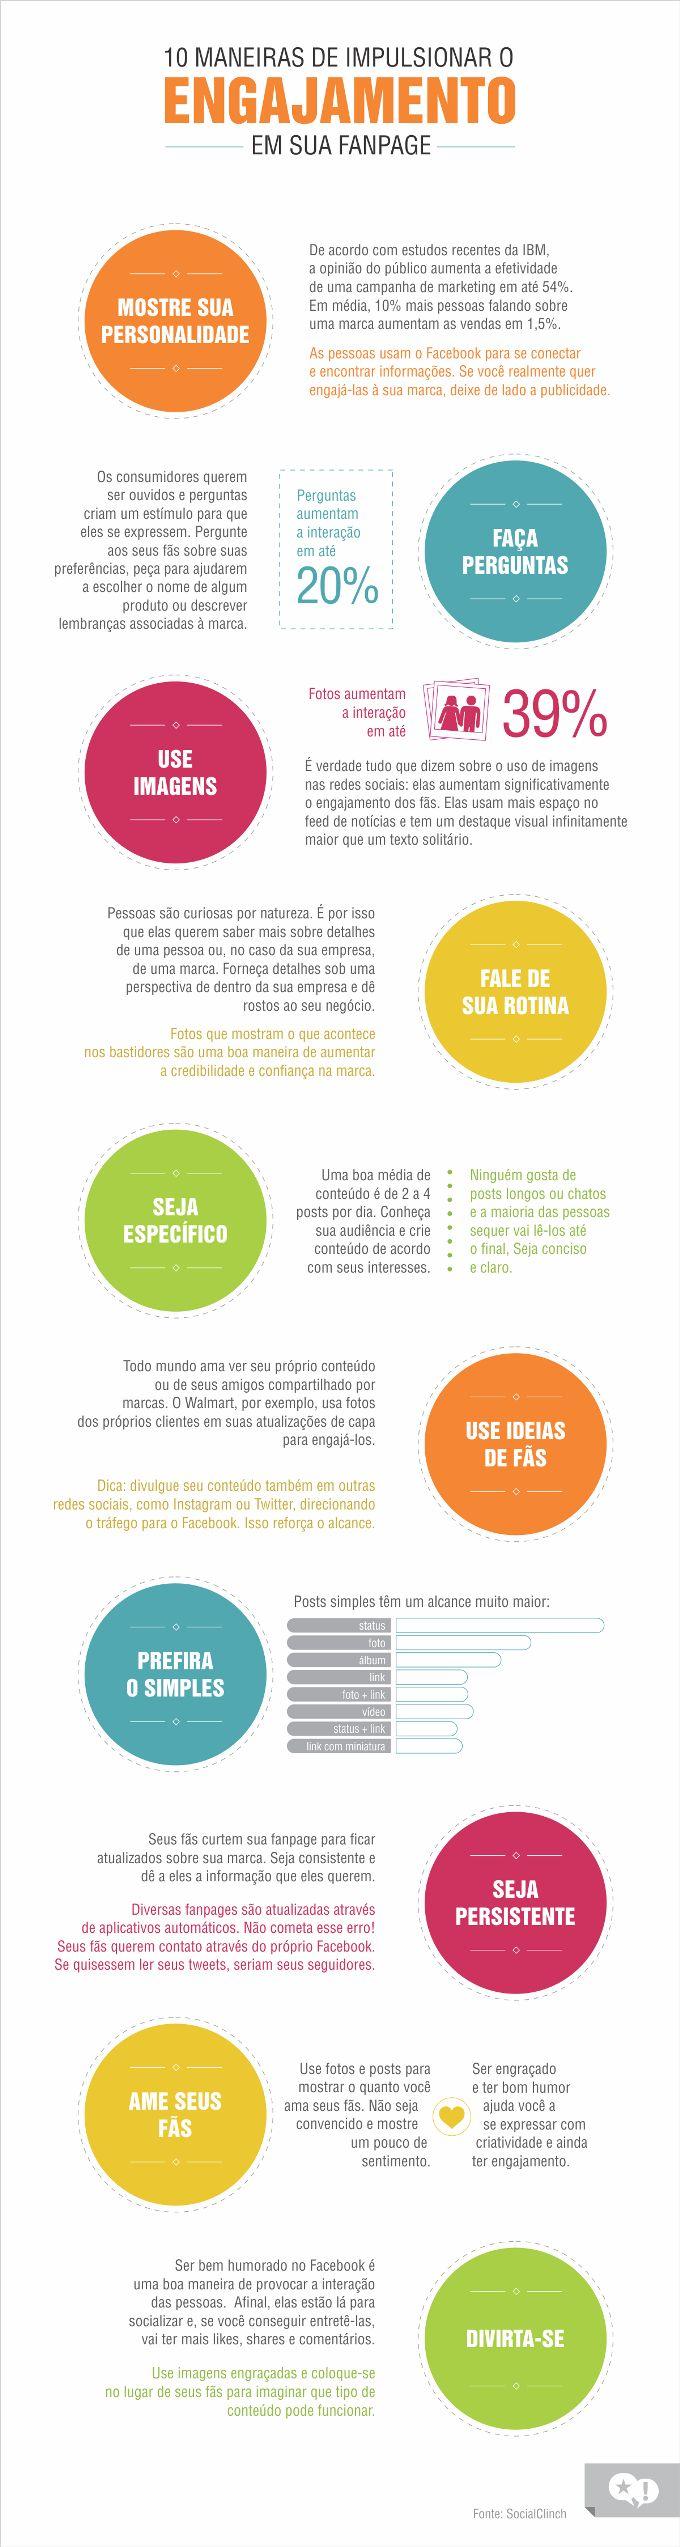 Conheça 10 dicas para aumentar o engajamento de sua Fanpage no Facebook, infográfico criado pelo pessoal da agência Fabulosa Ideia, confira!